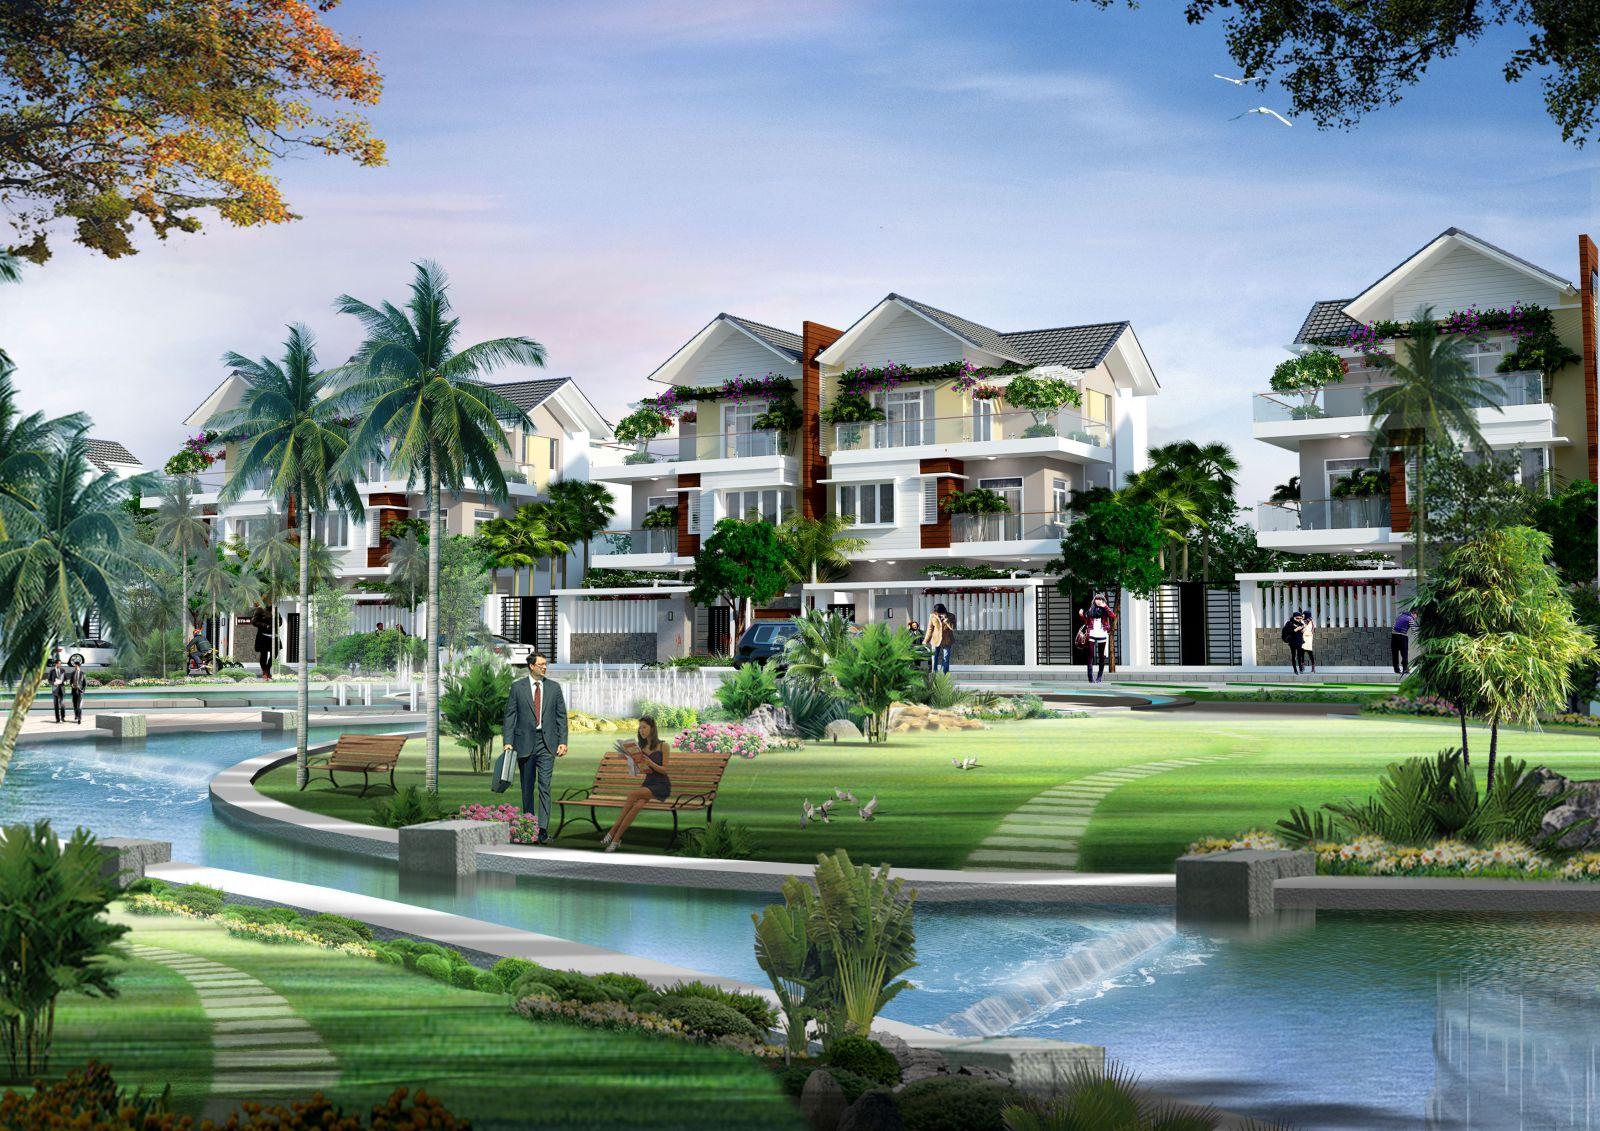 thiết kế biệt thự Dự án Bình Sơn Ocean Park